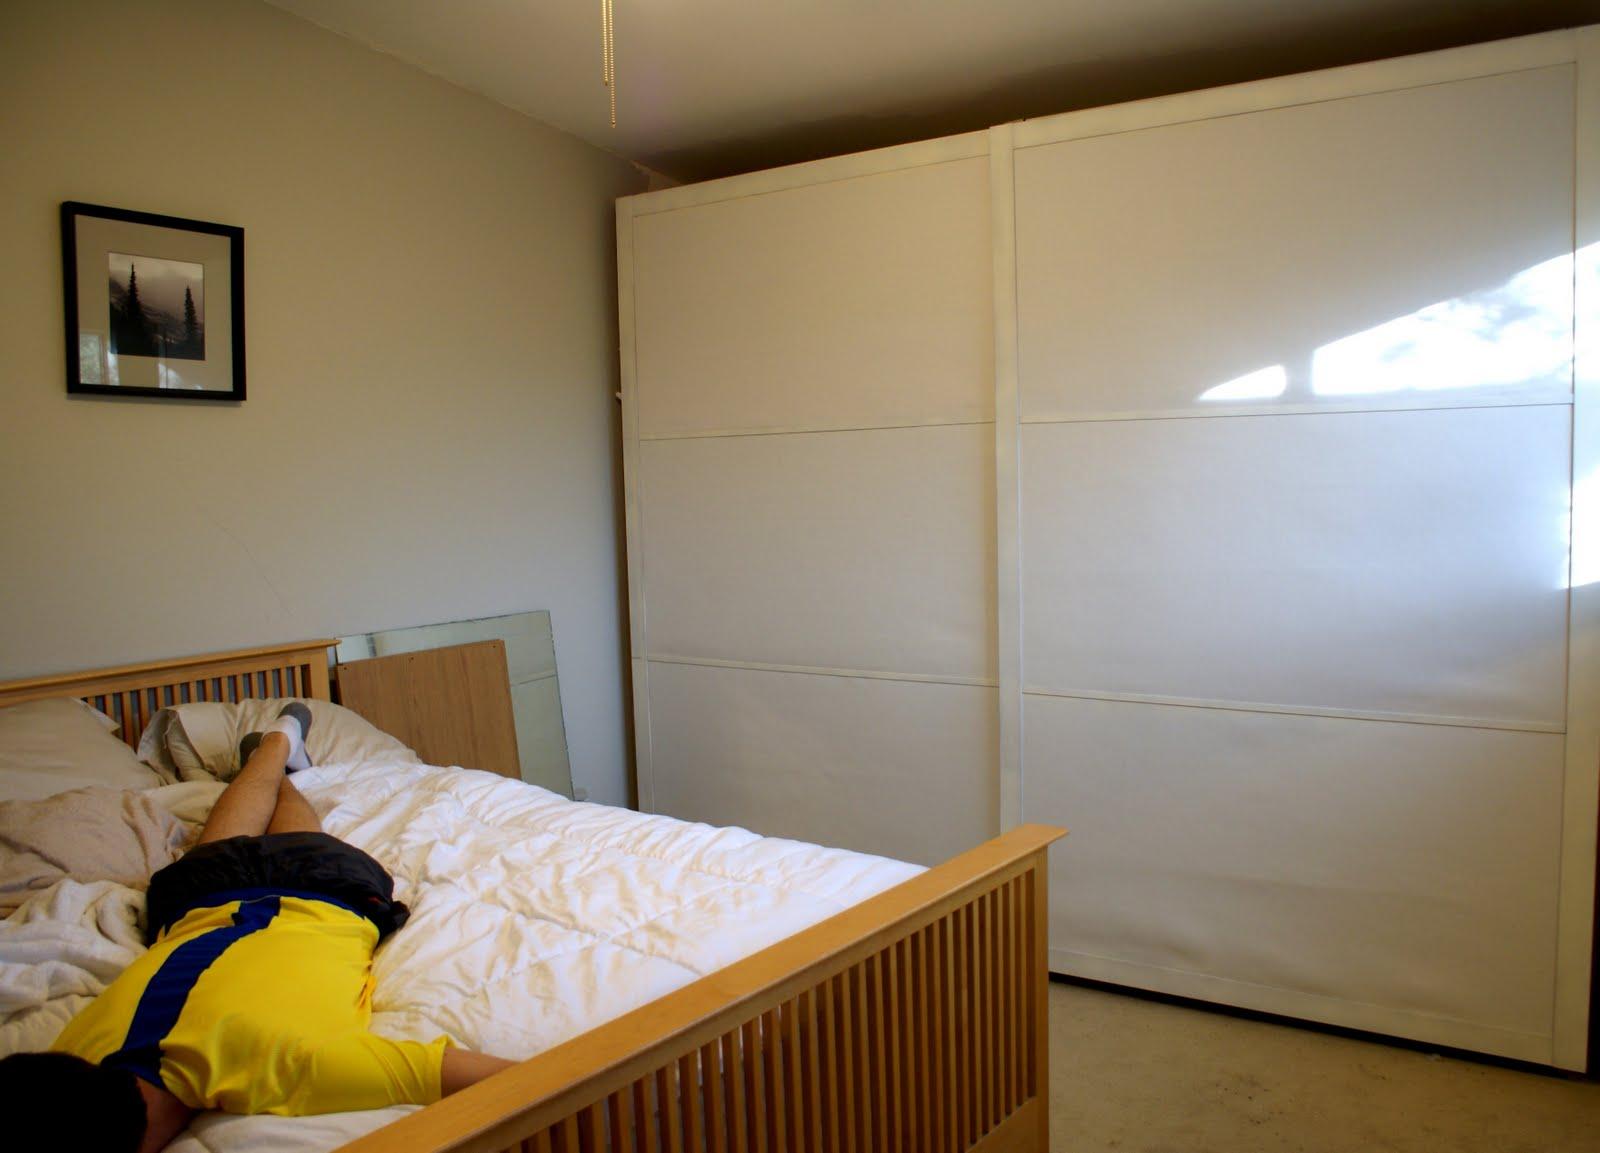 IKEA Sliding Closet Doors 1600 x 1153